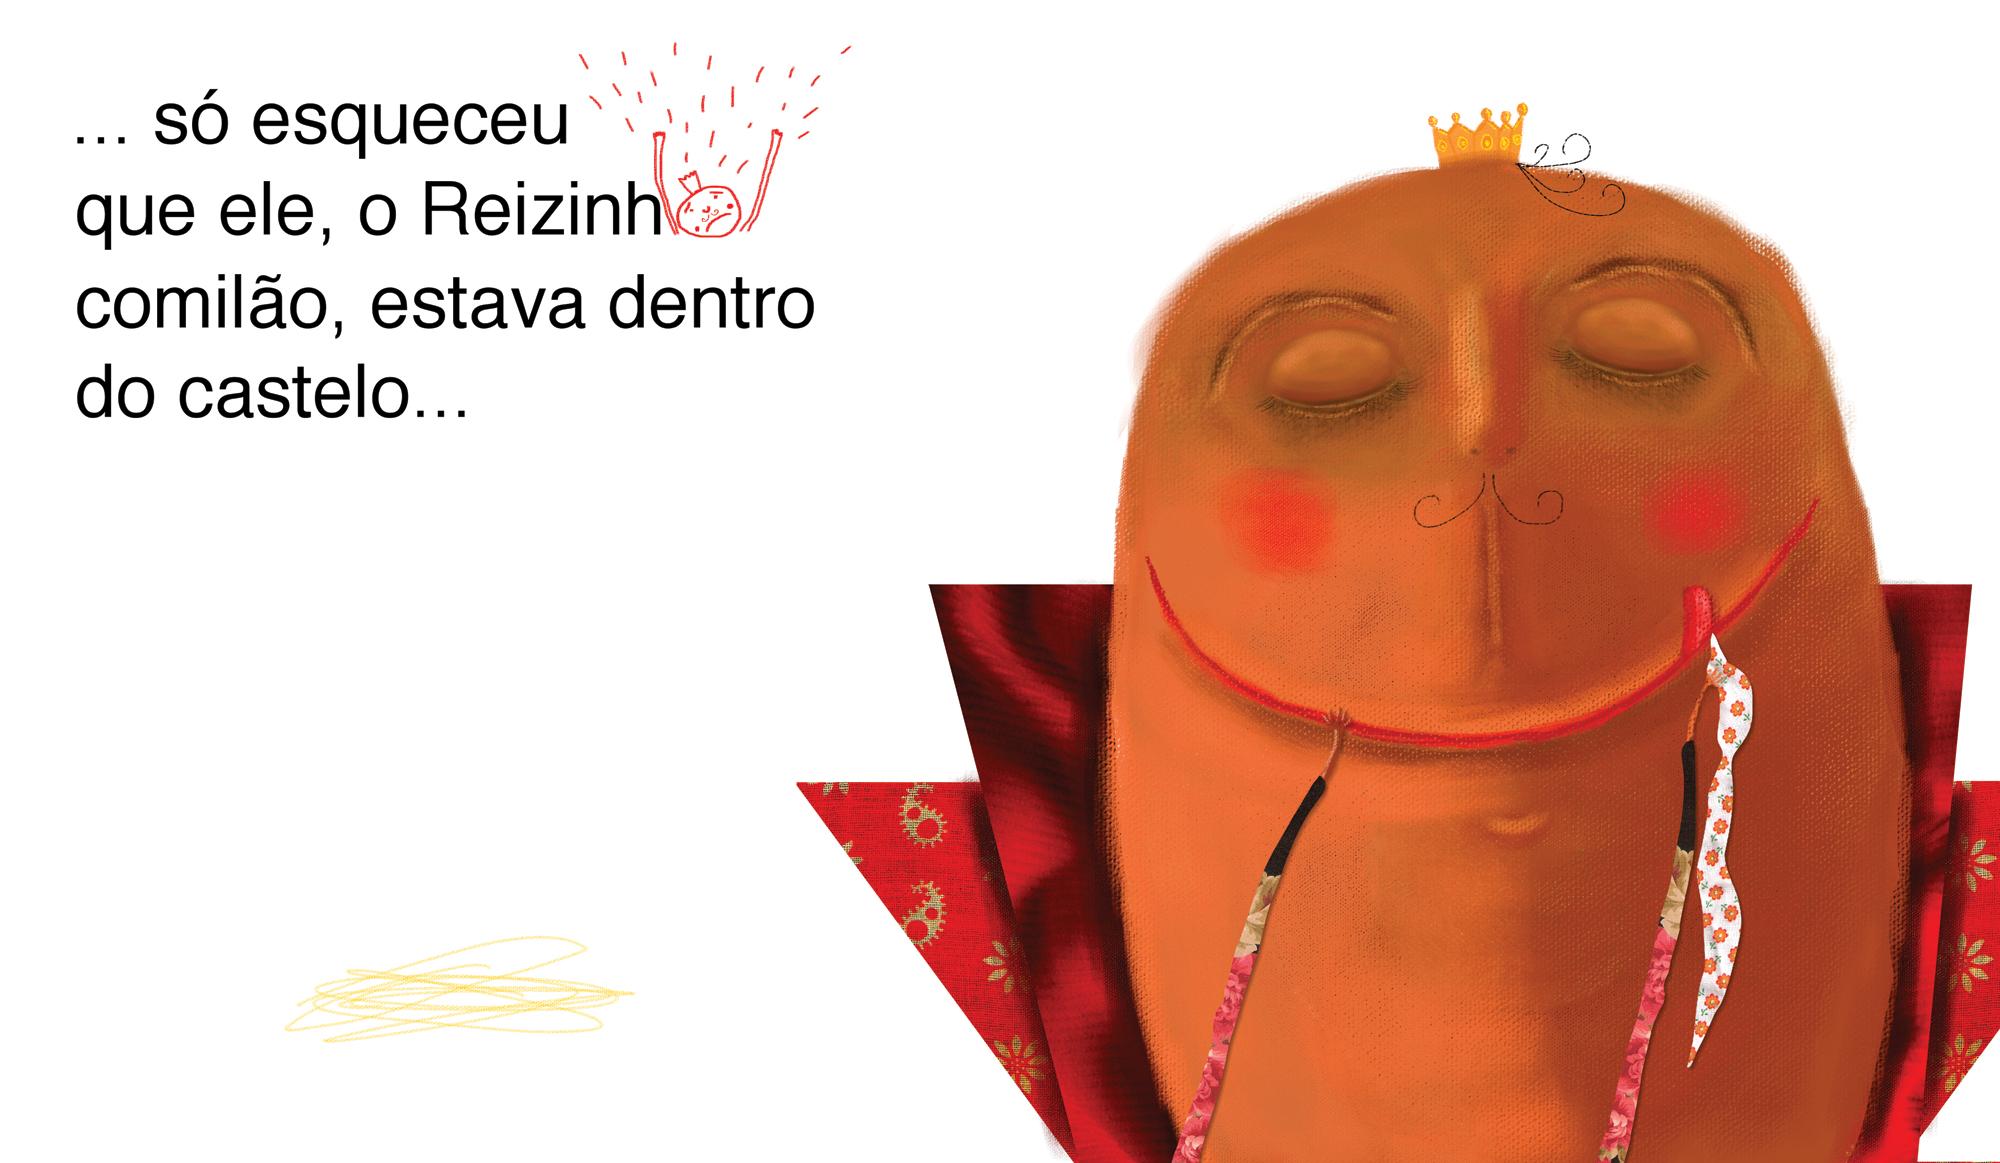 O Reizinho Comilão